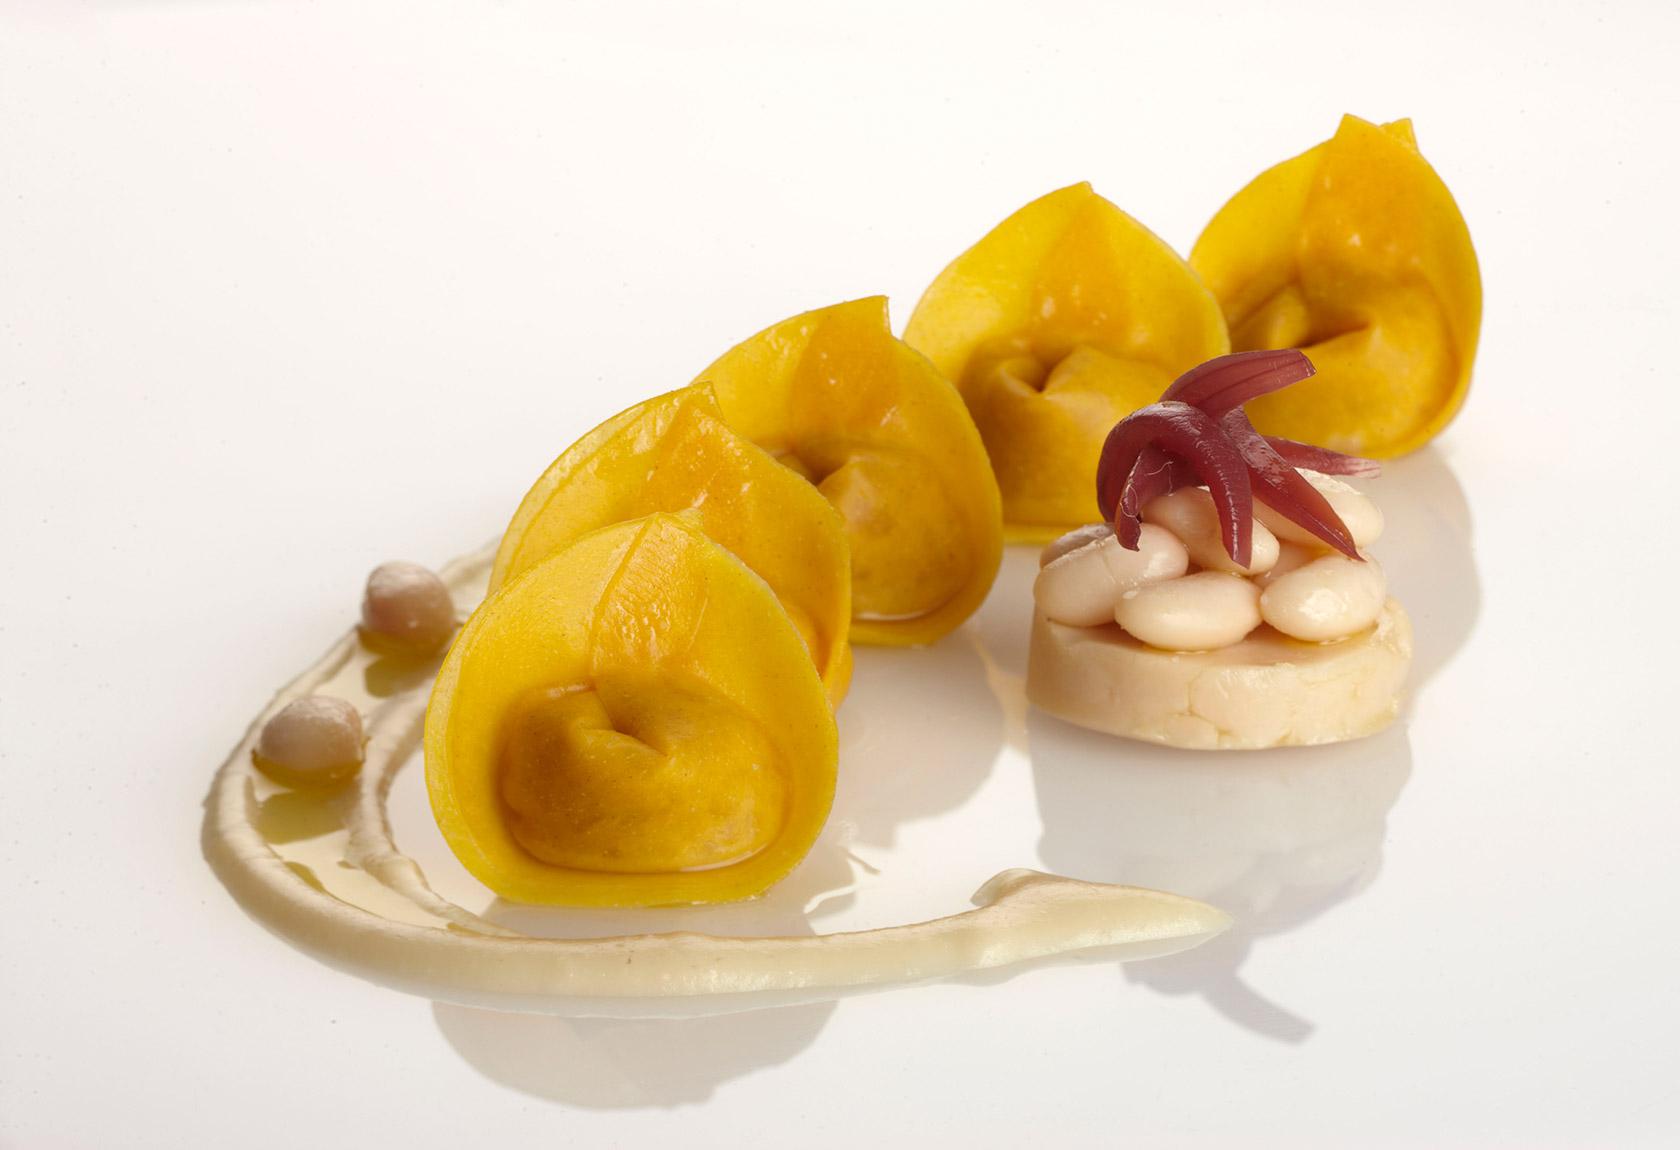 arnolfo-ristornate-cipolle-rosse-certaldo-fagioli-zolfini-gaetano-trovato-chef